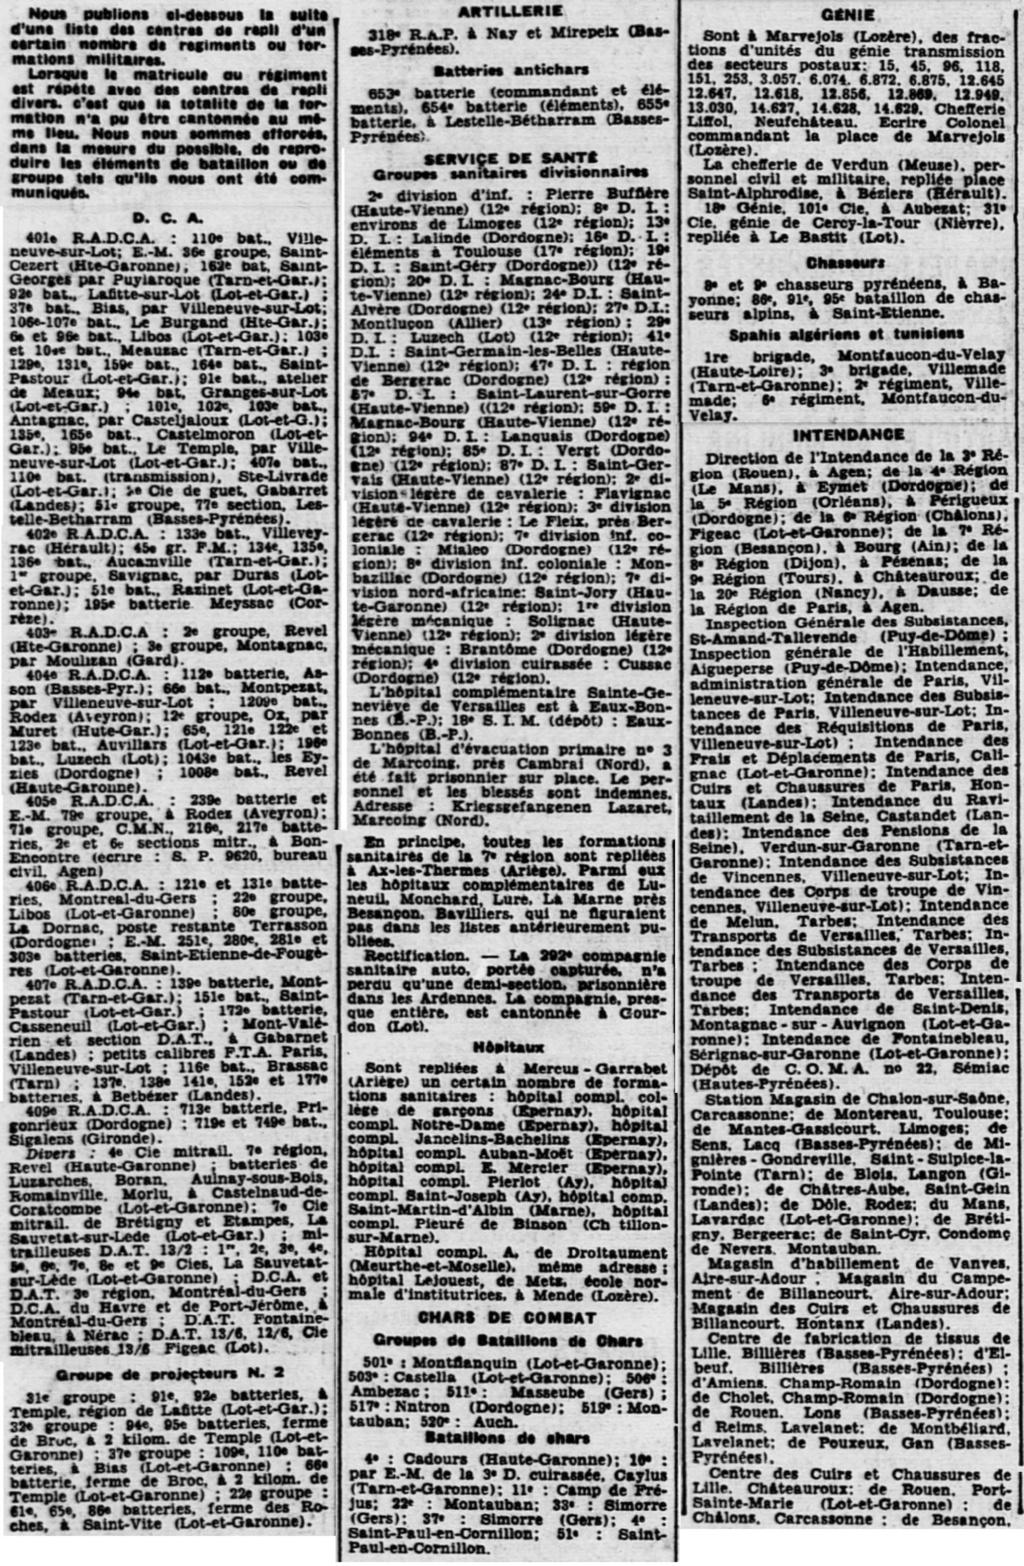 Liste des centres de repli des unités françaises 19400821